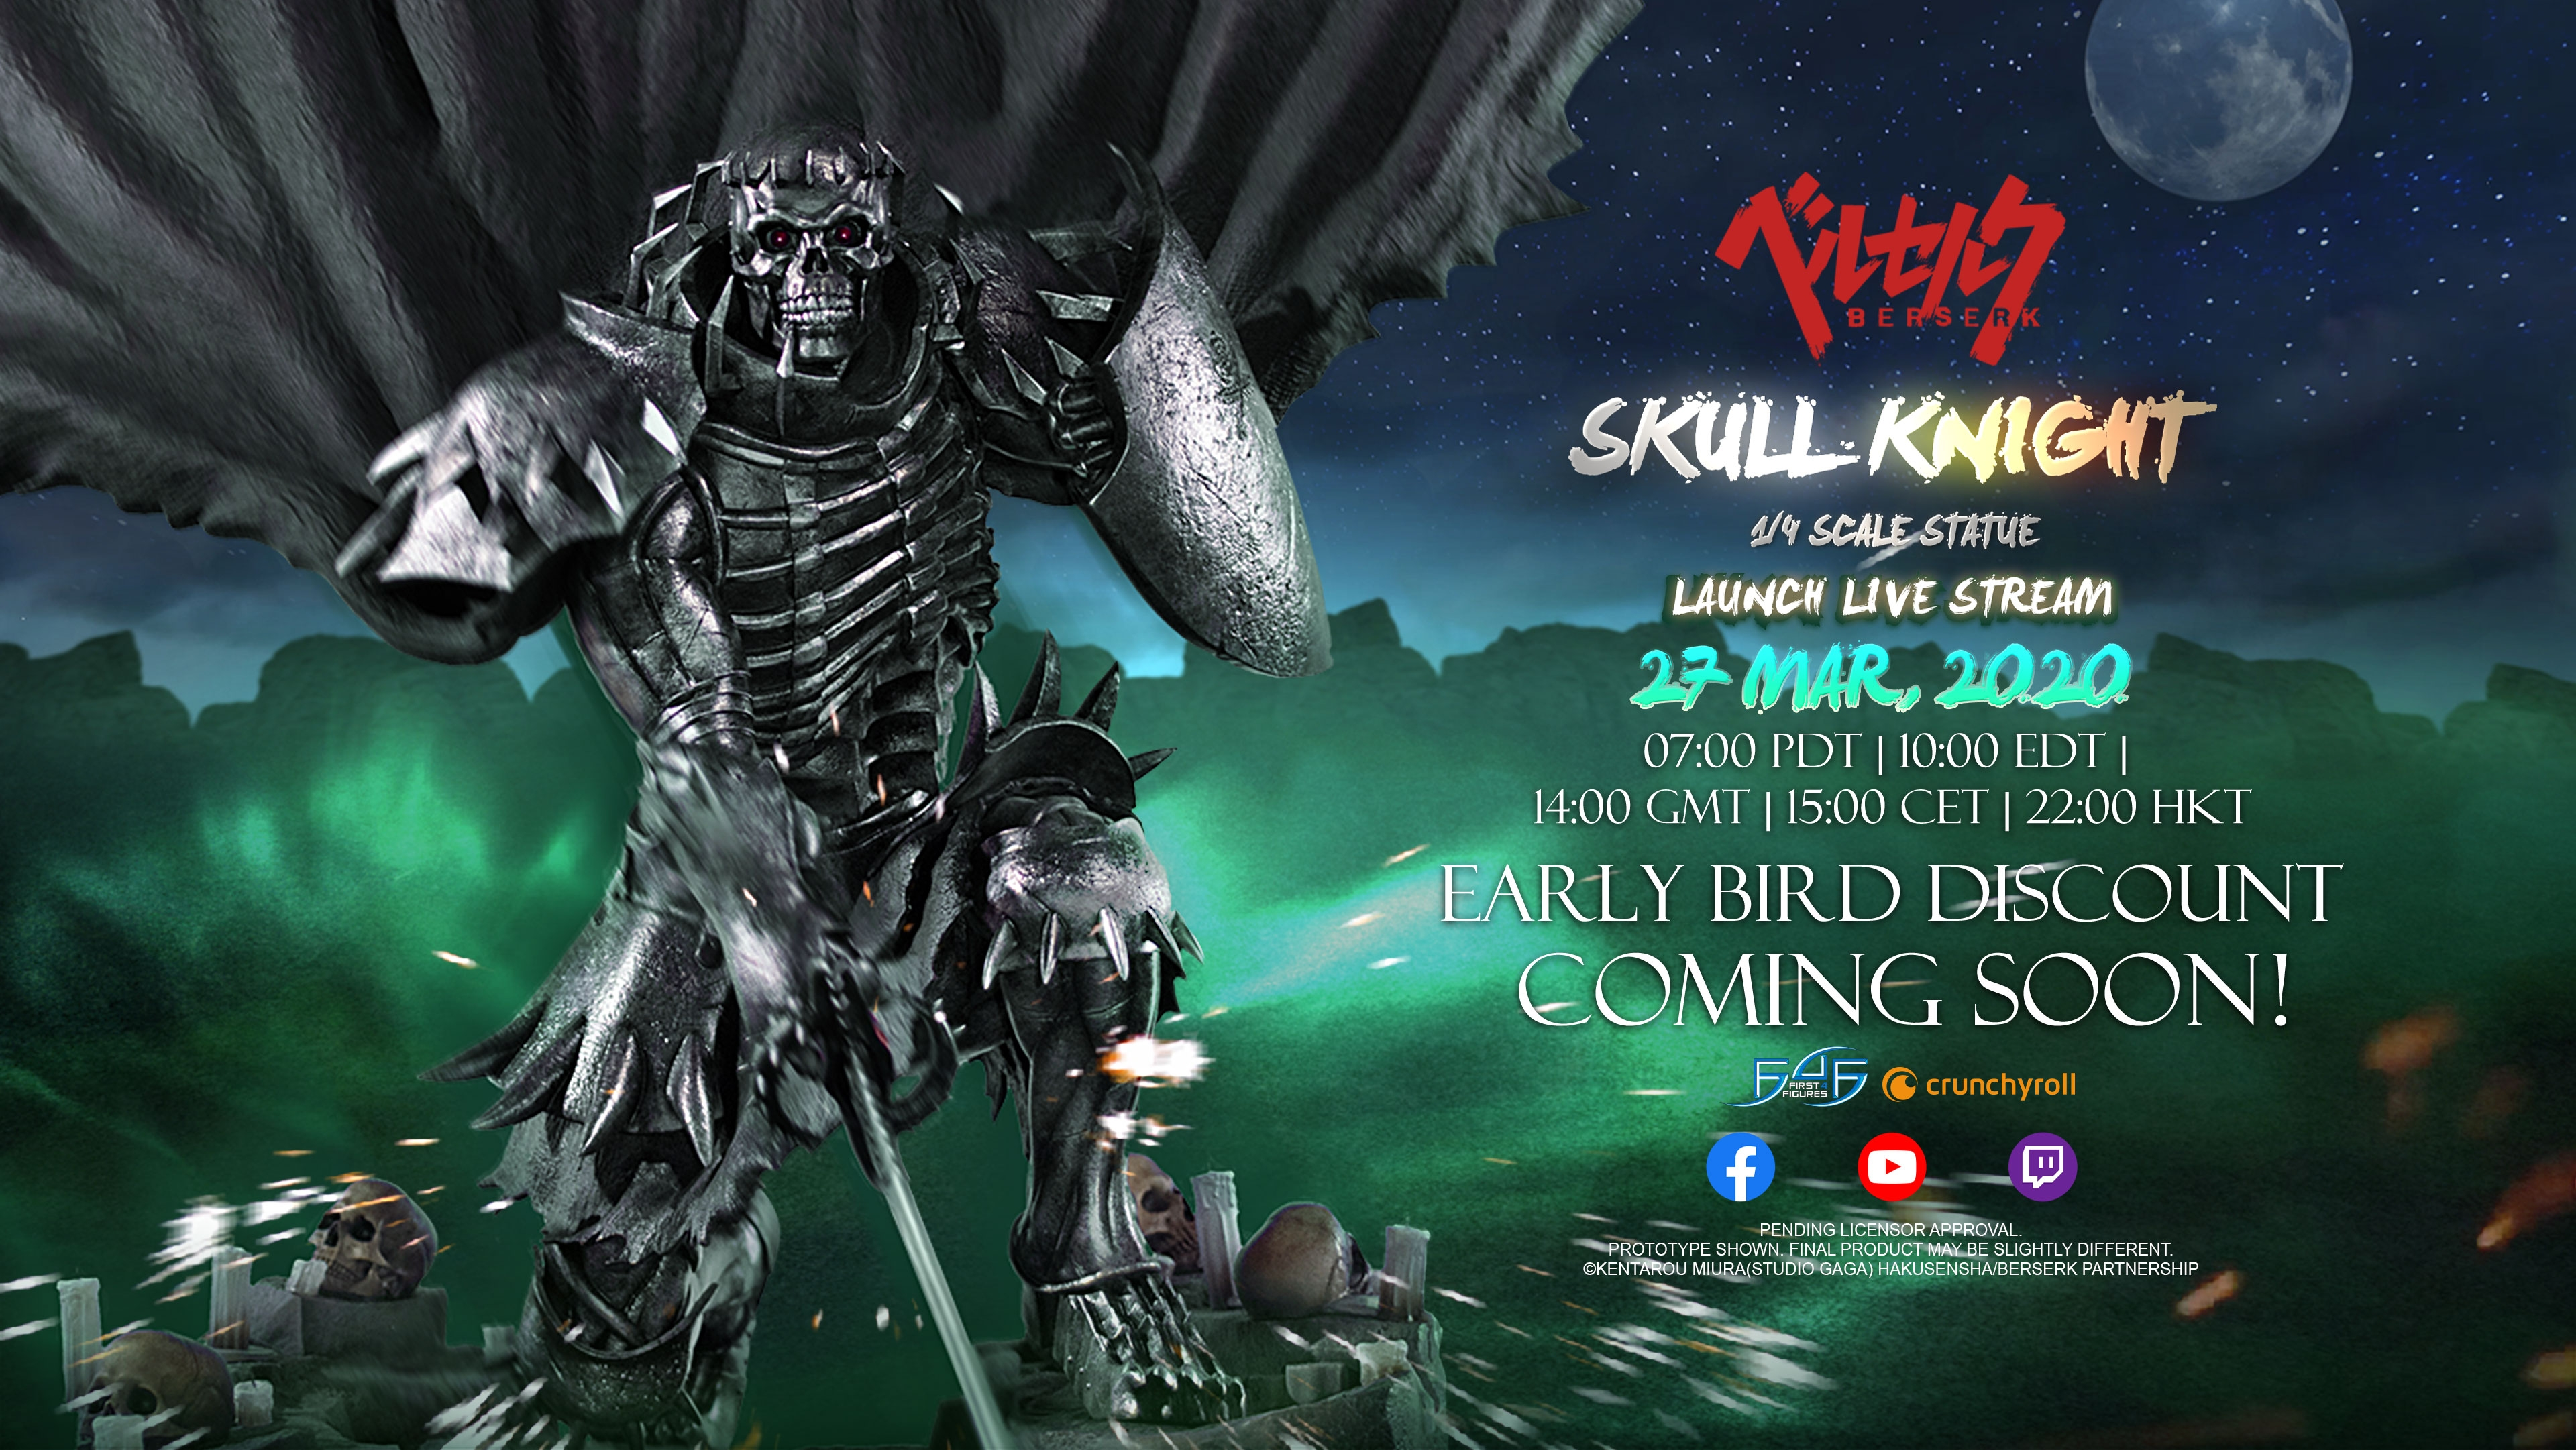 Skull Knight Coming Soon!